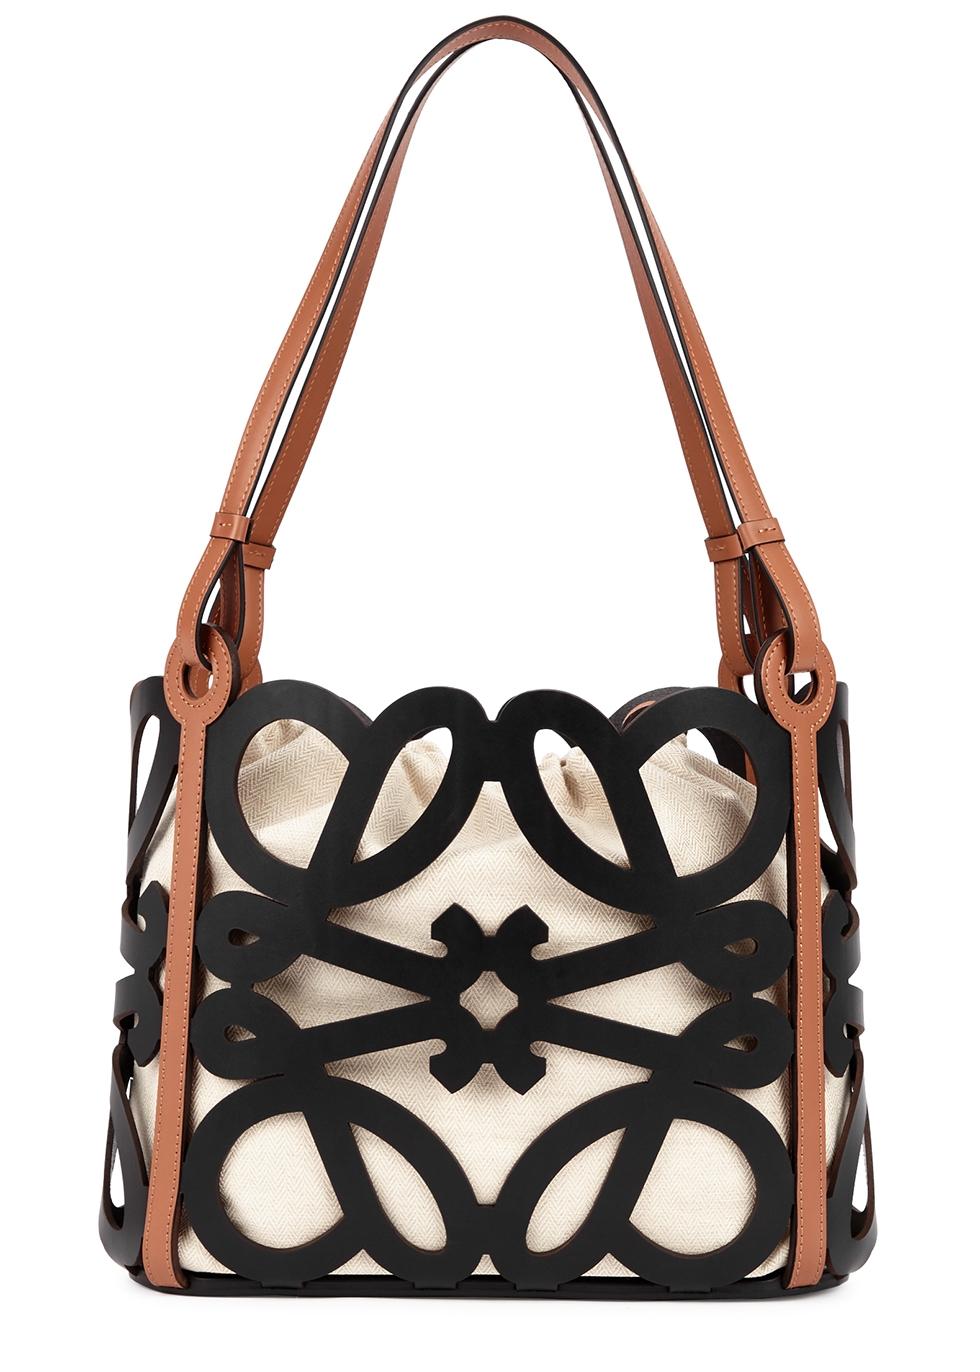 Anagram cut-out leather shoulder bag